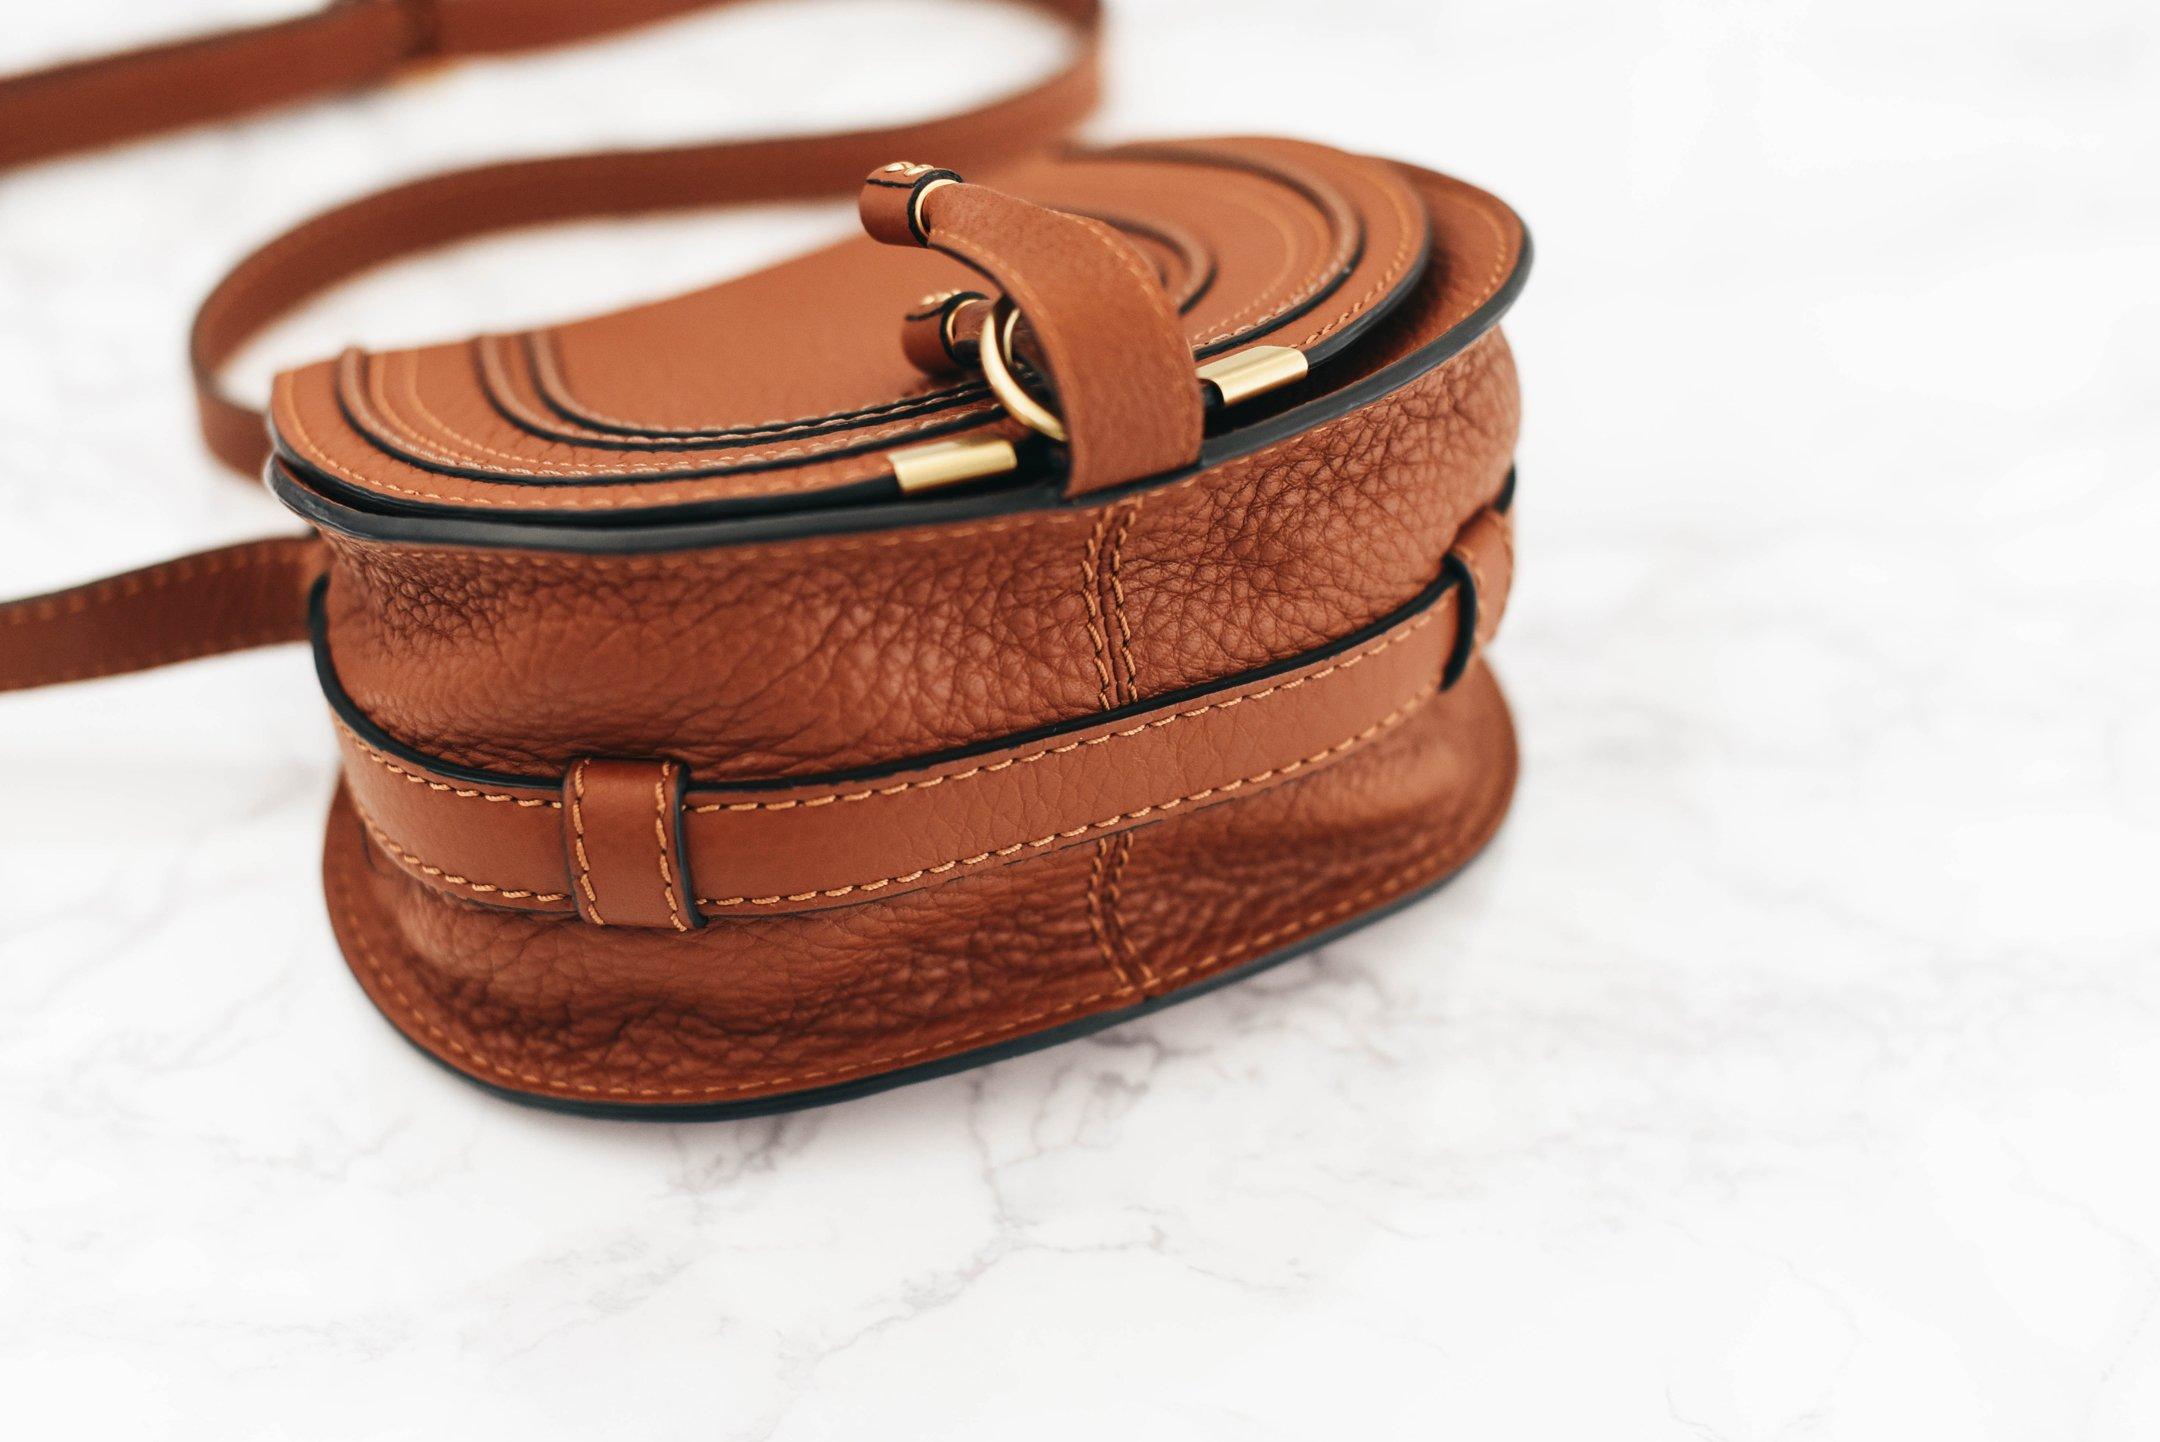 chloe-small-marcie-leather-crossbody-bag